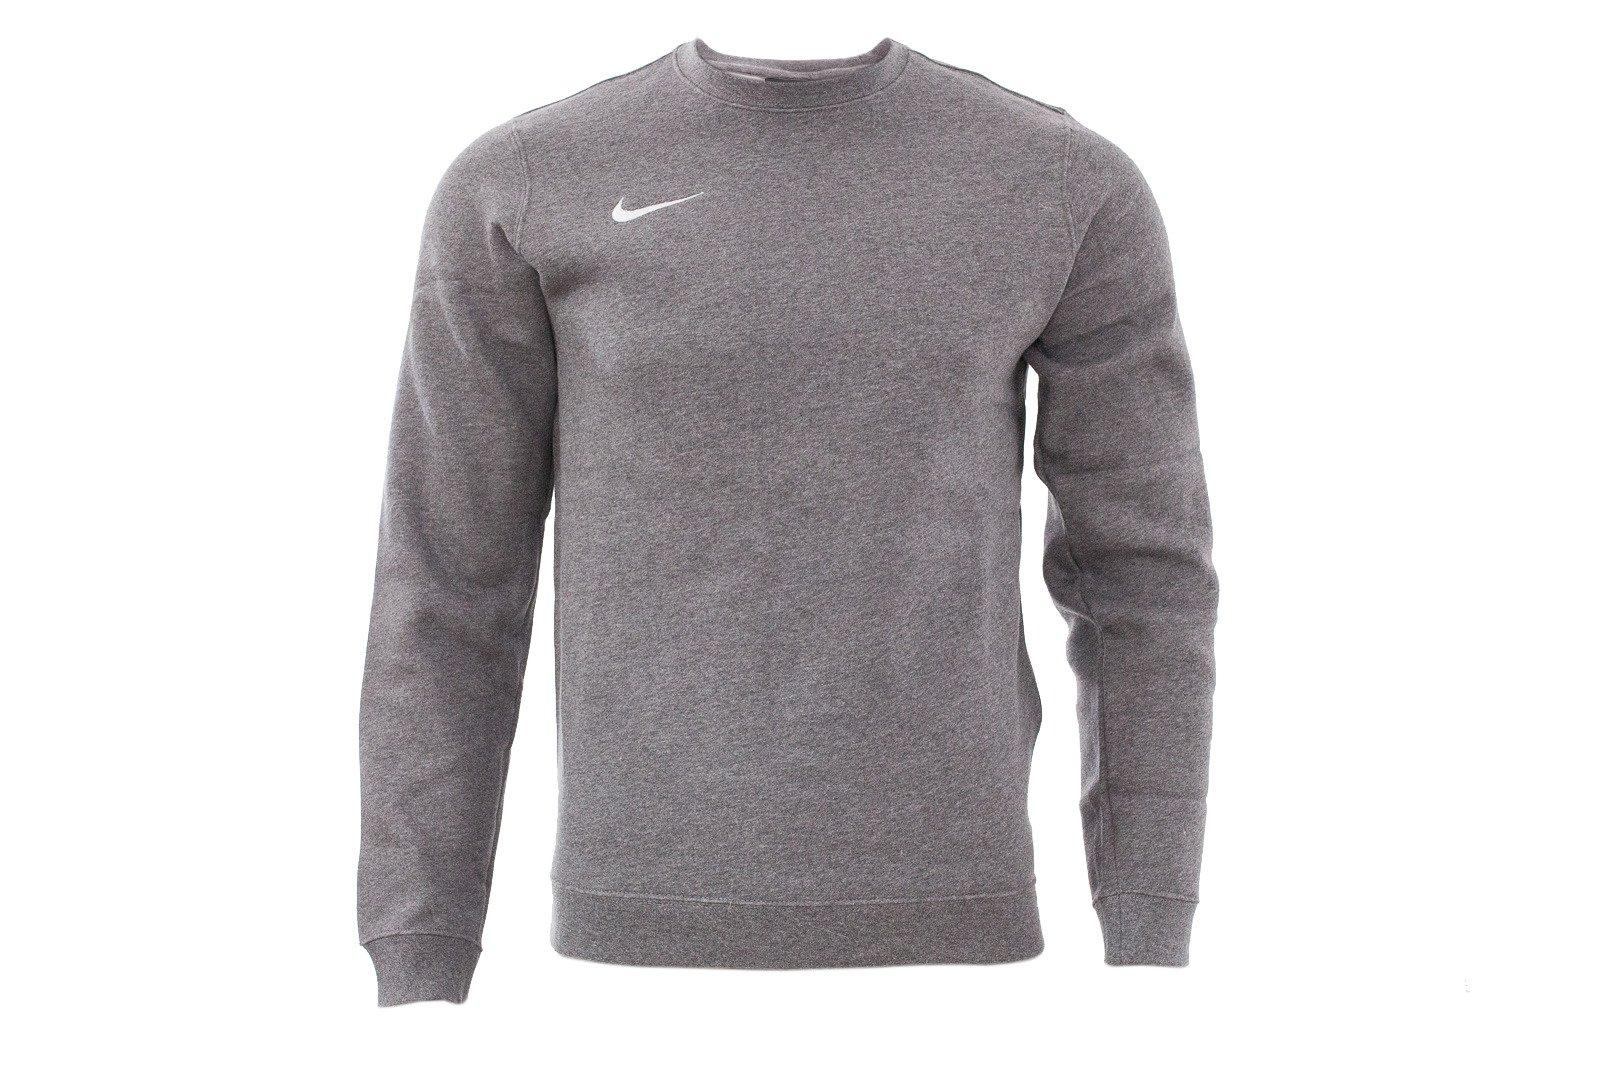 Bluza NIKE dresowa MĘSKA dla mężczyzn SZARA XL